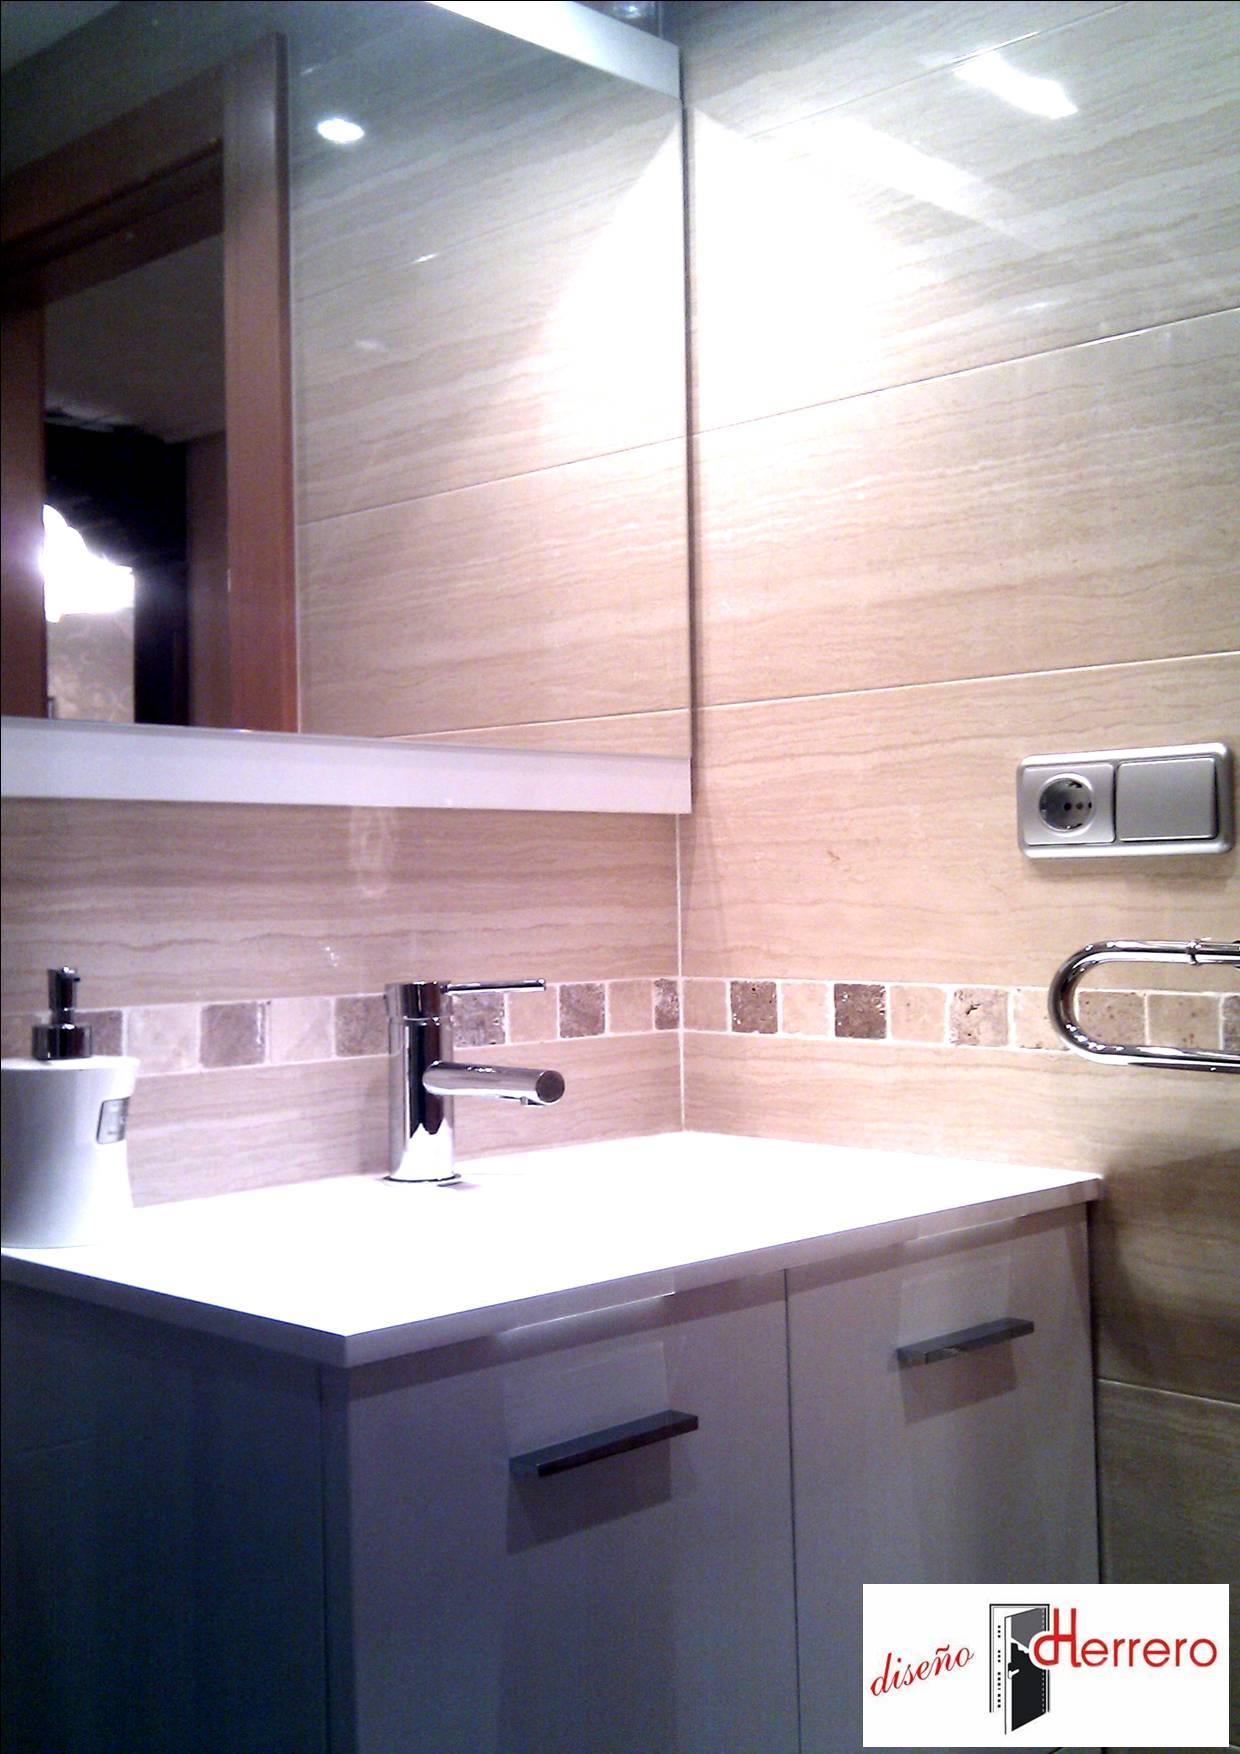 Reformas de baño en Zaragoza. Diseño Herrero